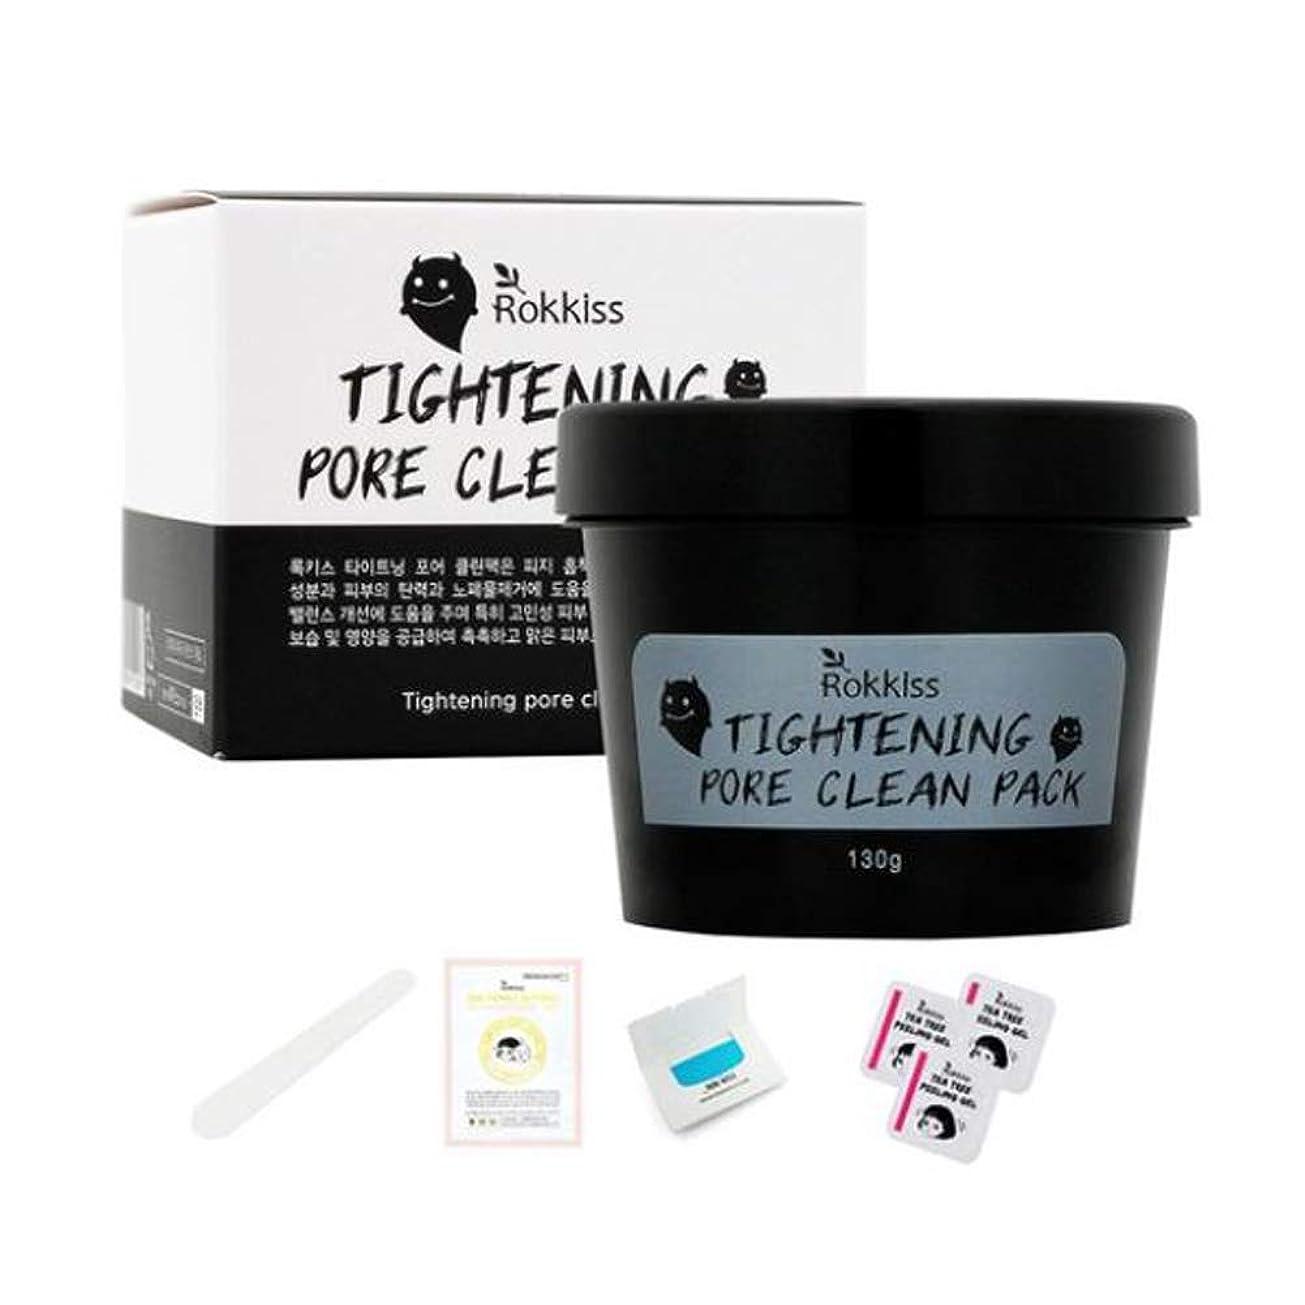 欲望パプアニューギニア告白【Rokkis] Tightening Pore Clean Pack/強力な吸着毛穴パックセット/カオリン、ベントナイト、マッド成分含有/皮脂除去/毛穴収縮/追加4種プレゼント贈呈[並行輸入品]